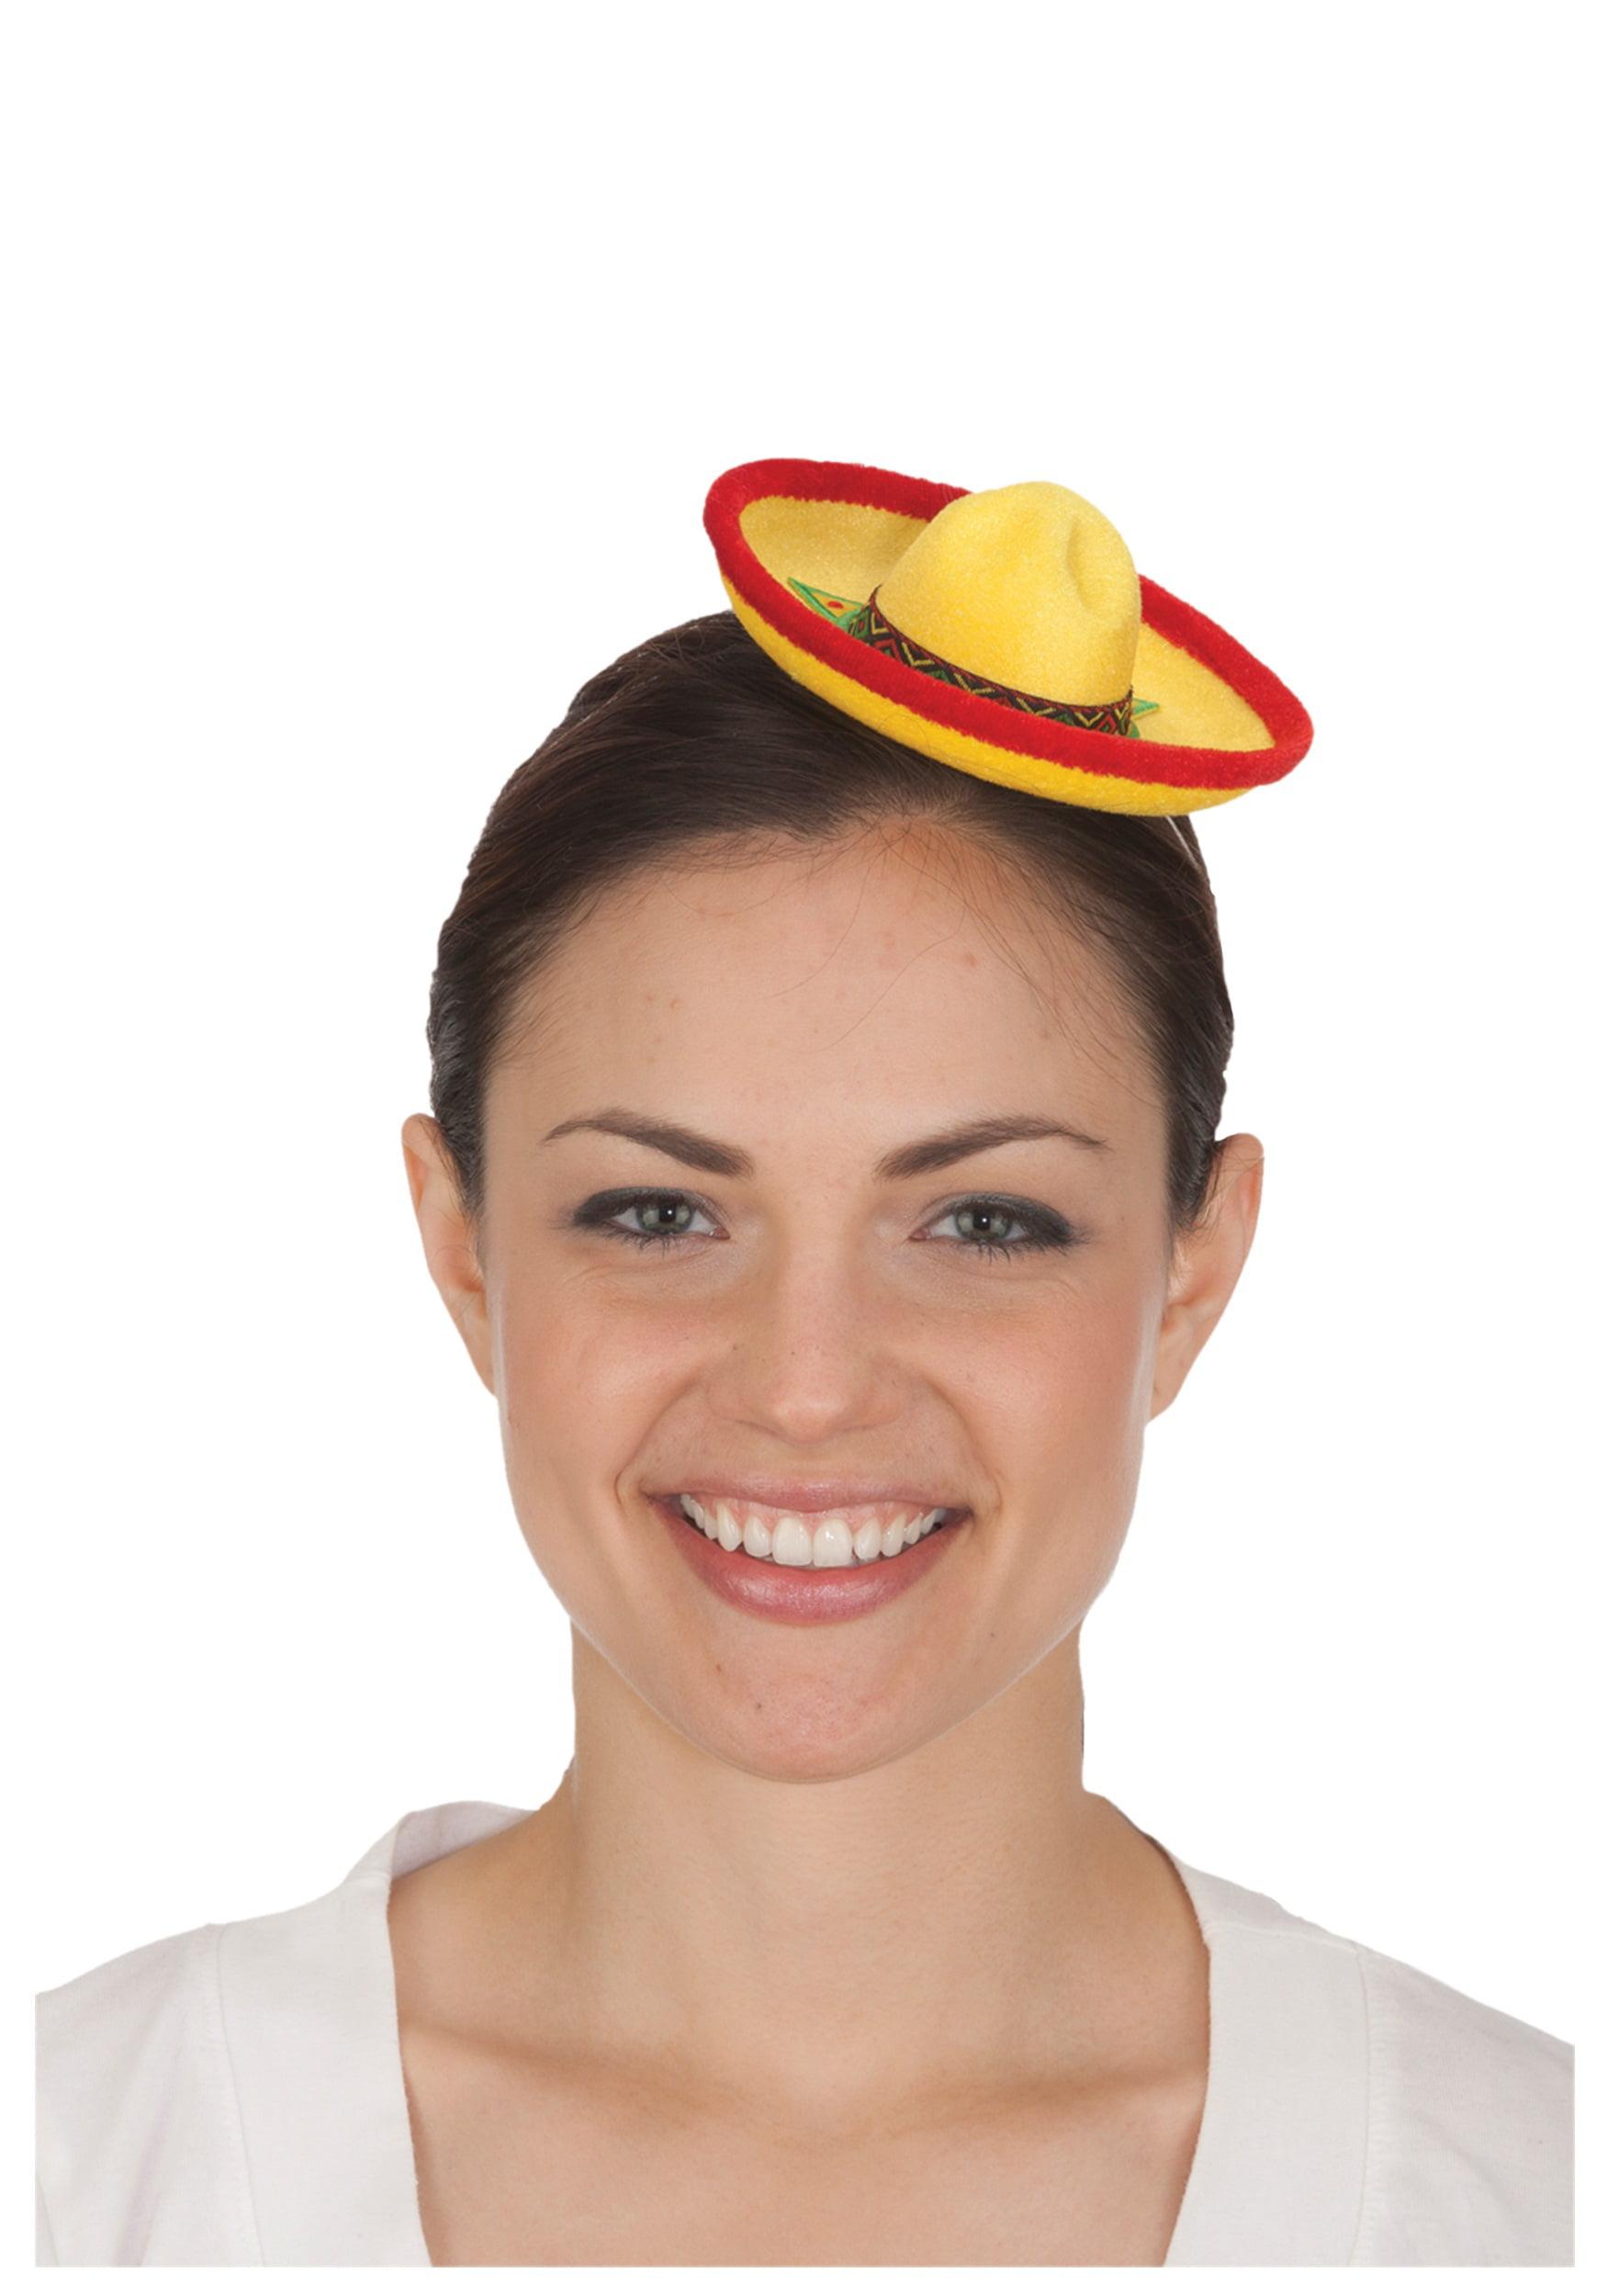 Jacobson Hats - Mini Sombrero Hat - Walmart.com ef1e216f317